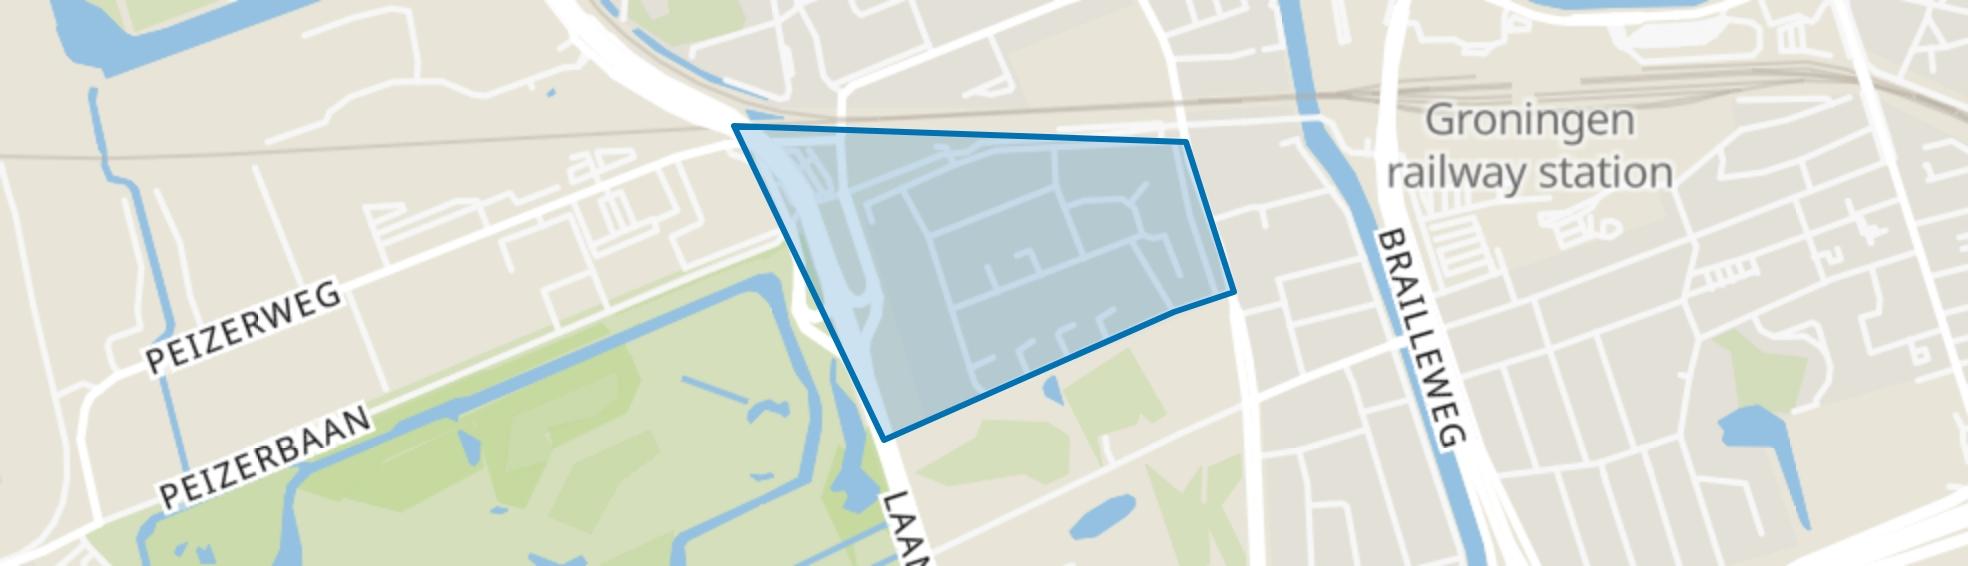 Laanhuizen, Groningen map